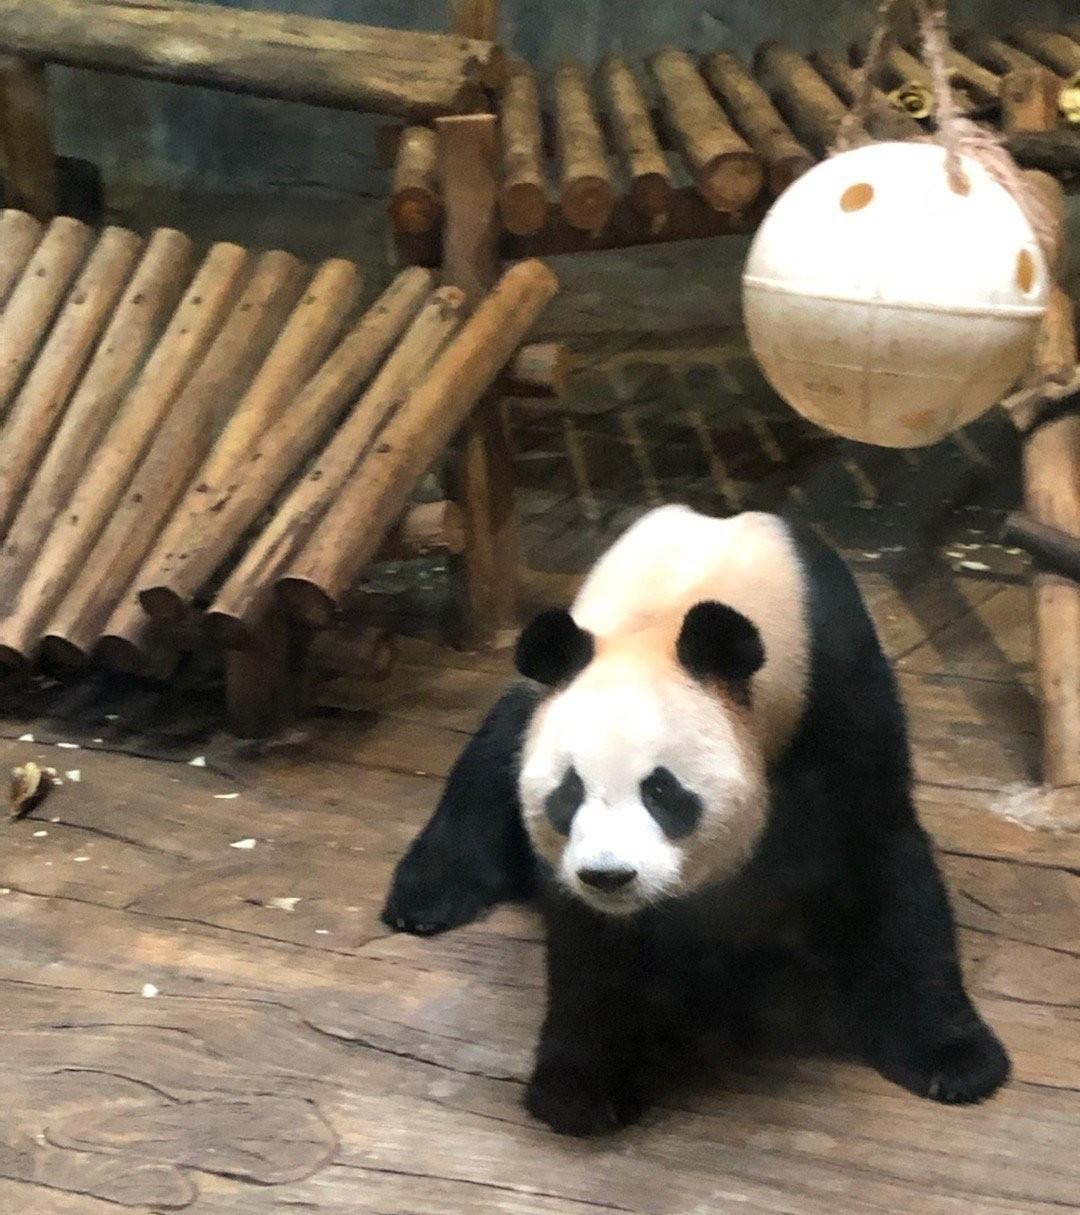 ▲▼看到國寶熊貓太興奮 屁孩狂敲「鋼化玻璃碎裂」園方傻了(圖/翻攝自微博/snow的xyz)